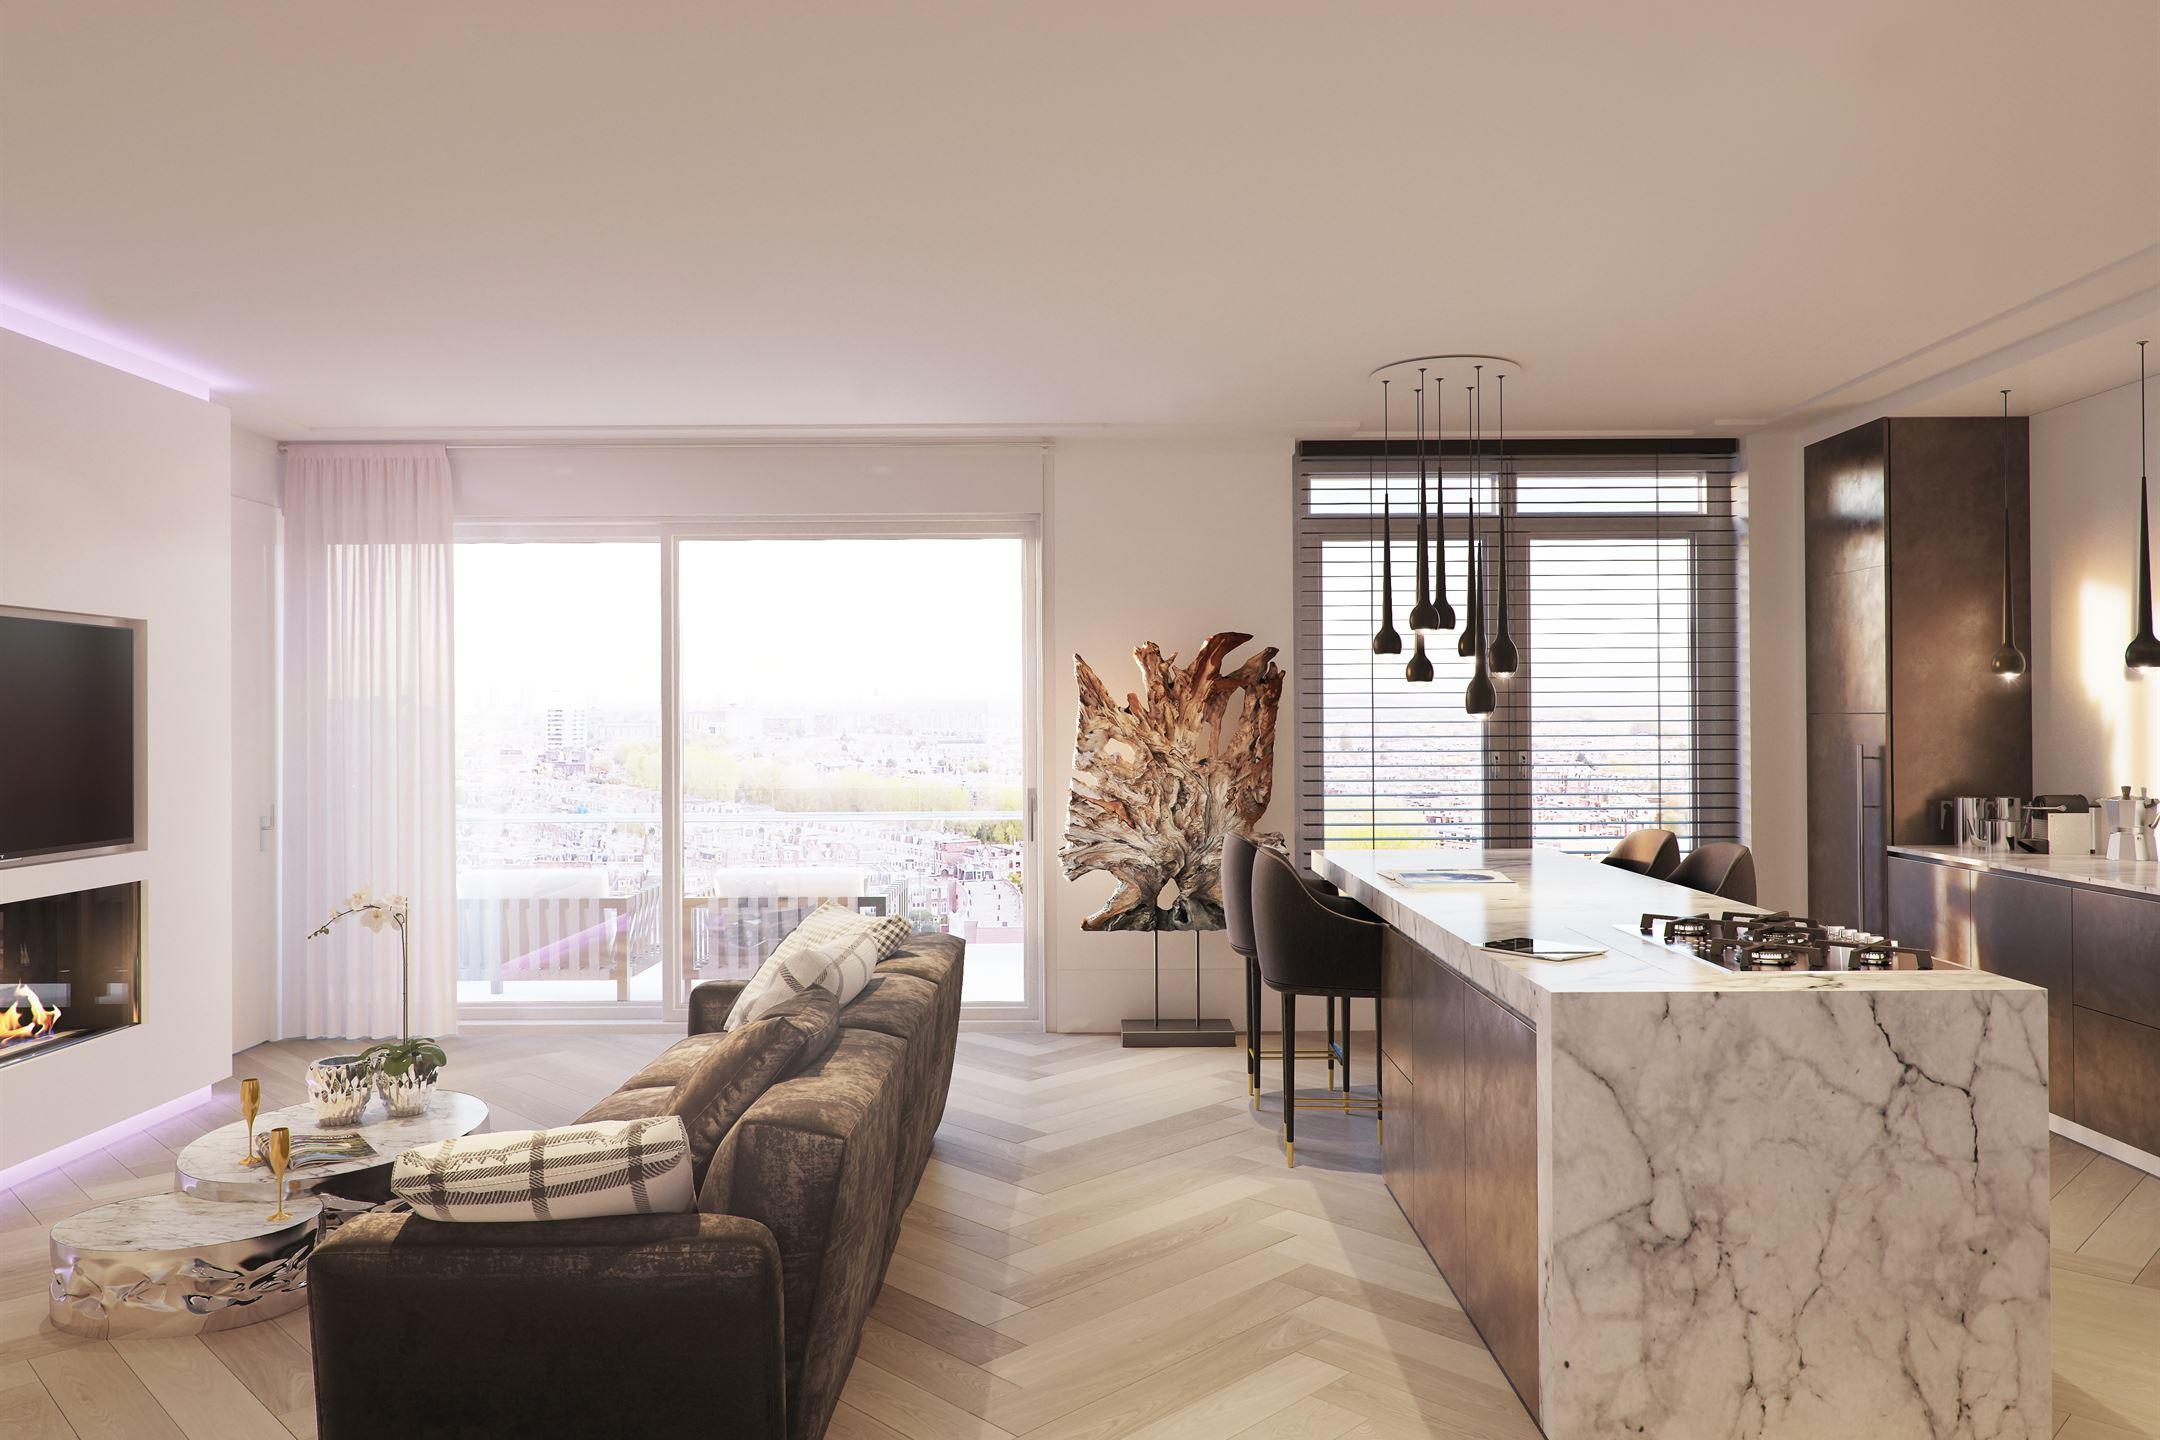 Appartement te koop de stadhouders bouwnr 187 2517 sc for Funda den haag koop